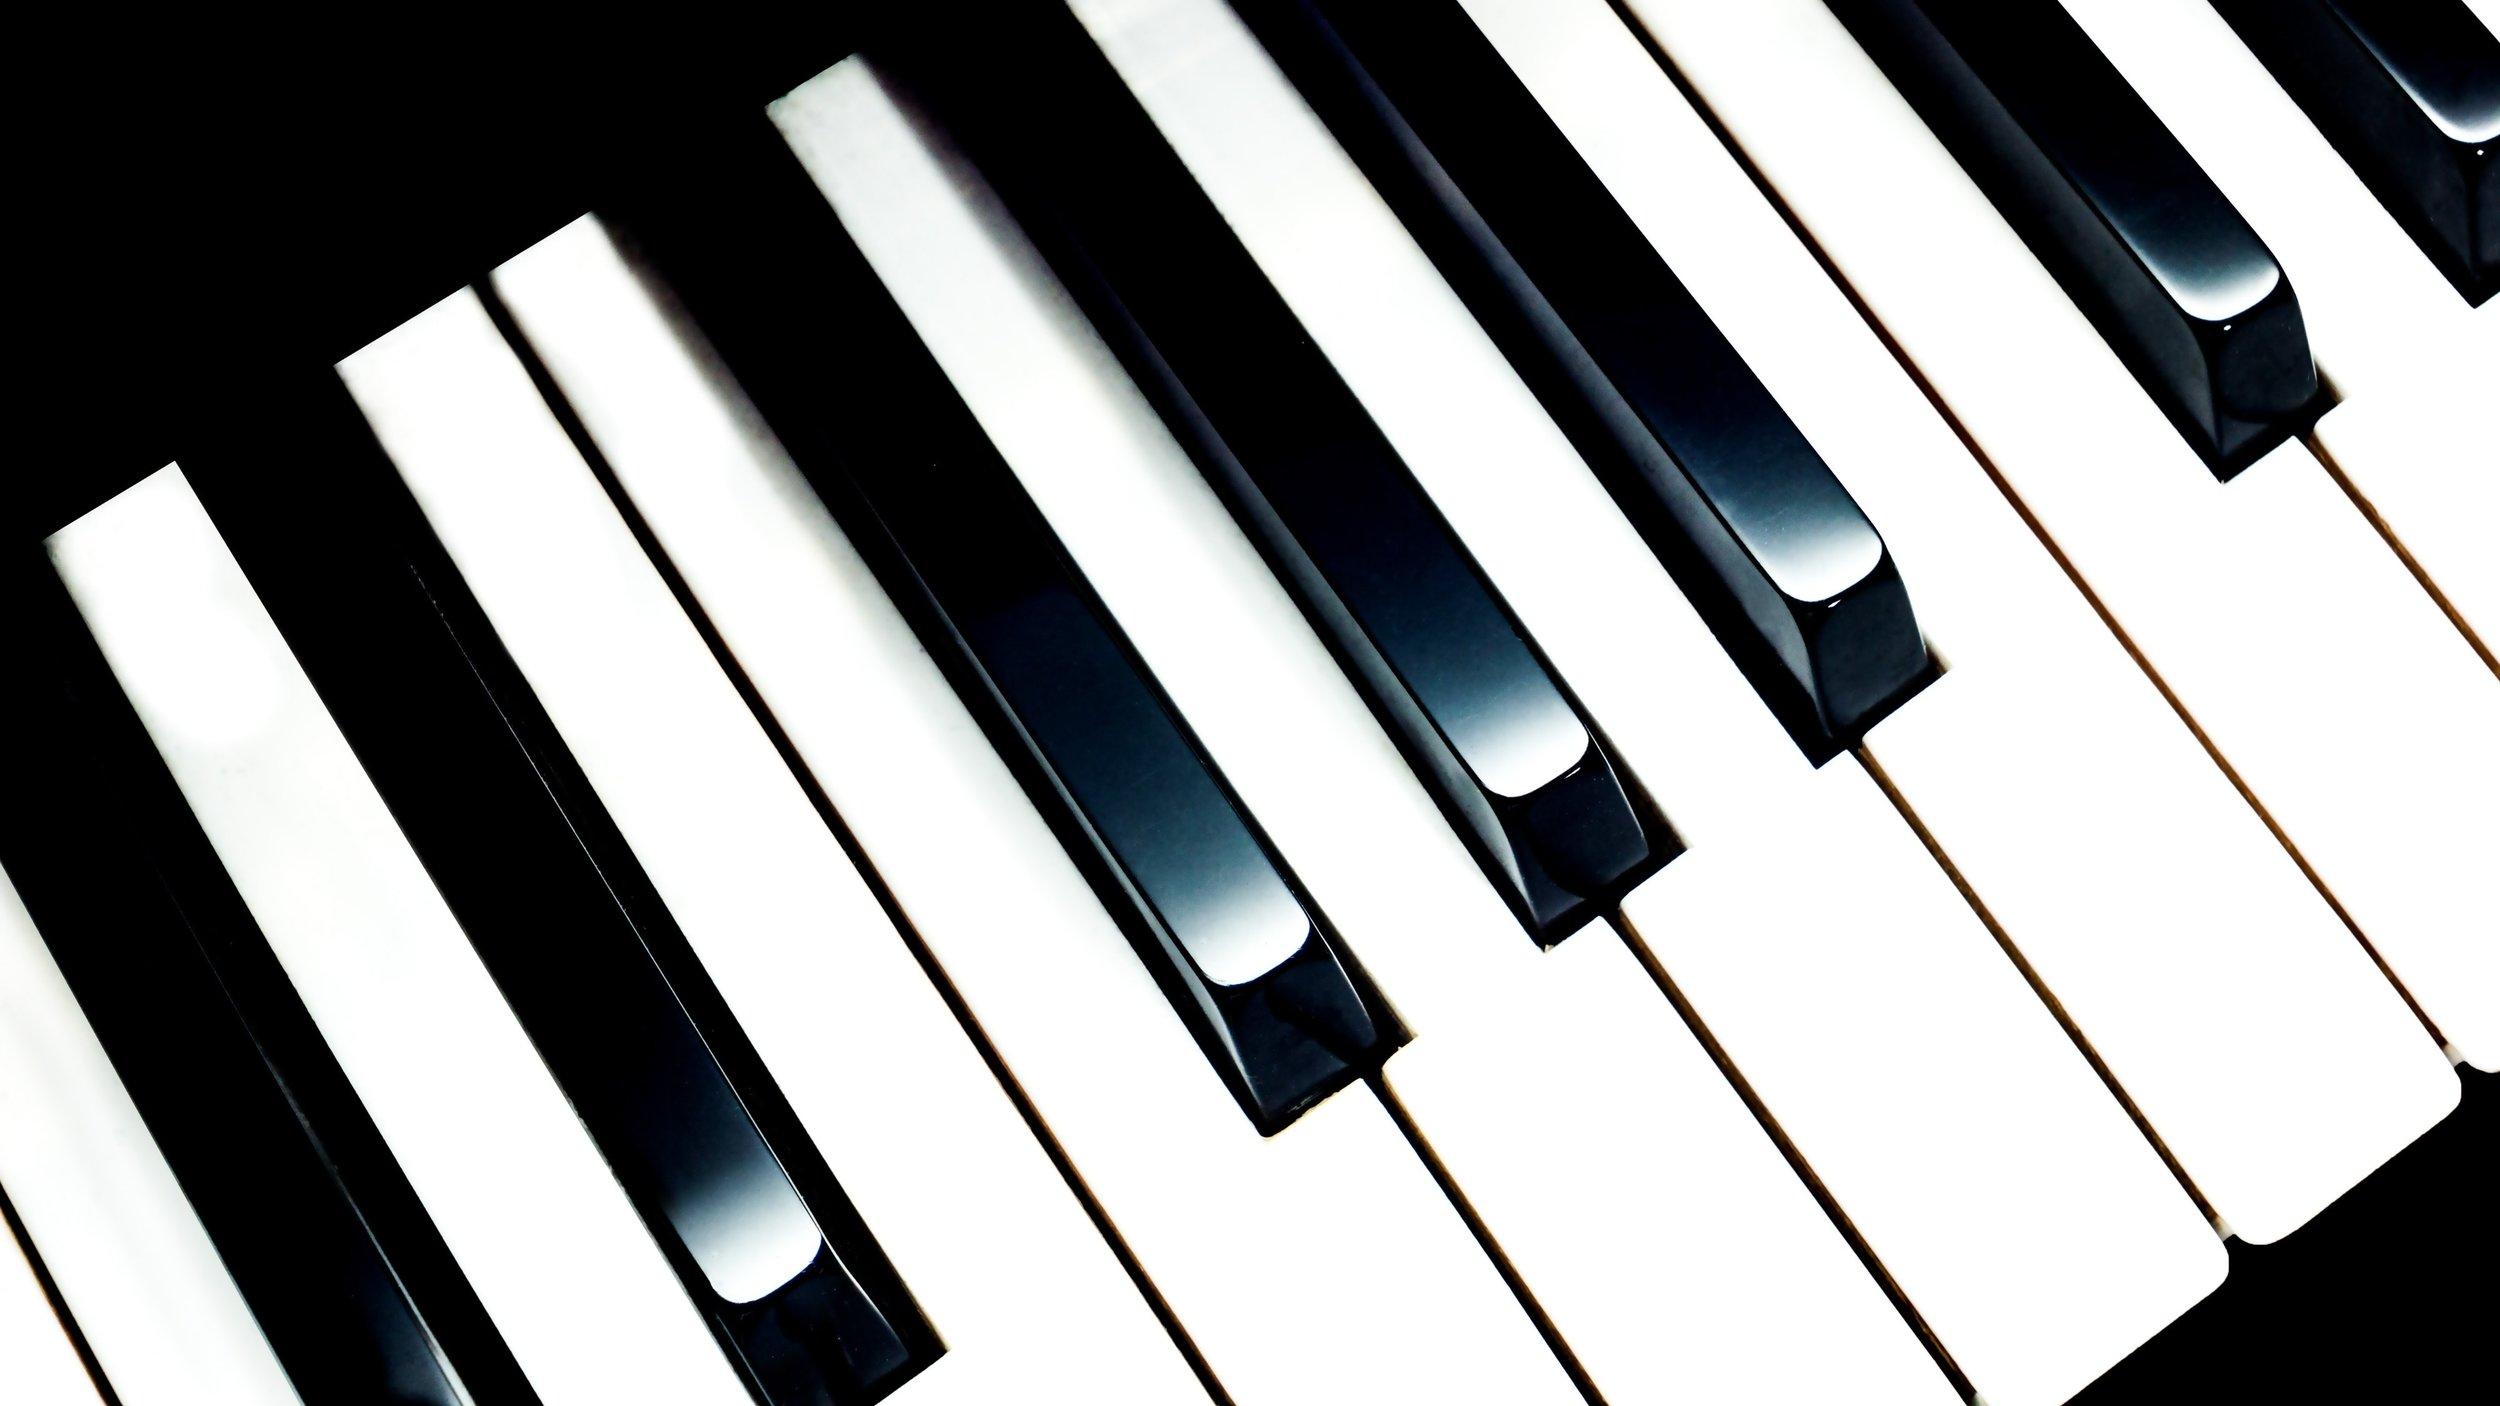 black-and-white-chord-classic-164935.jpg